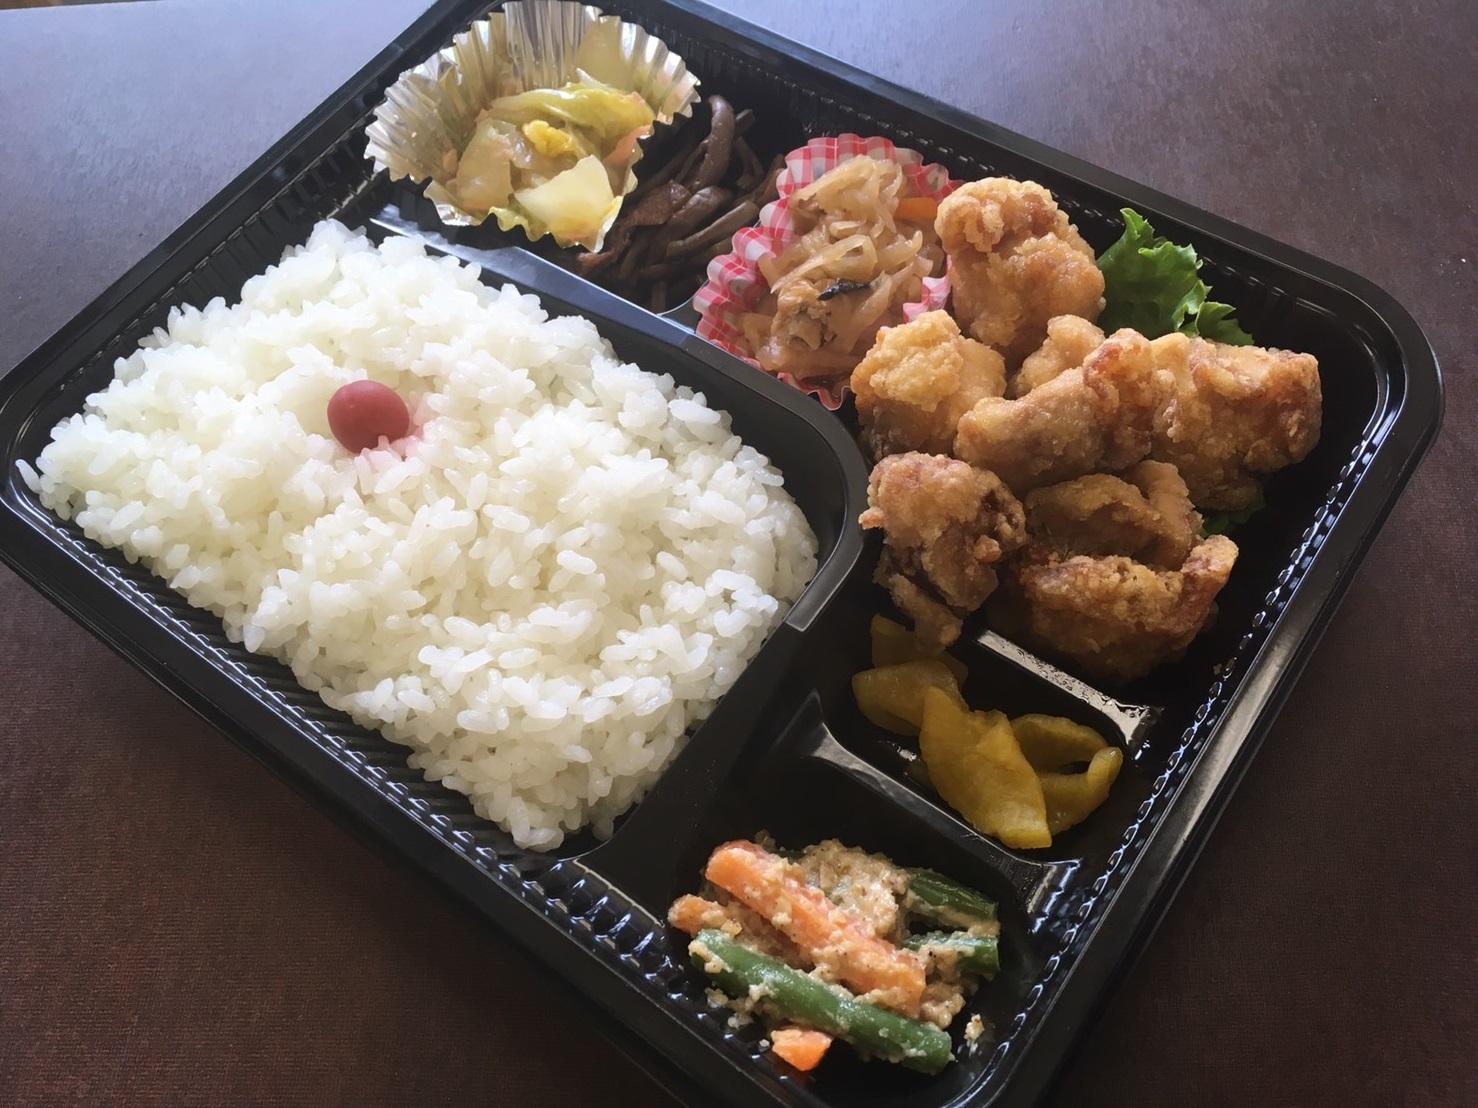 お弁当・お惣菜の店 蕪(かぶら)_1